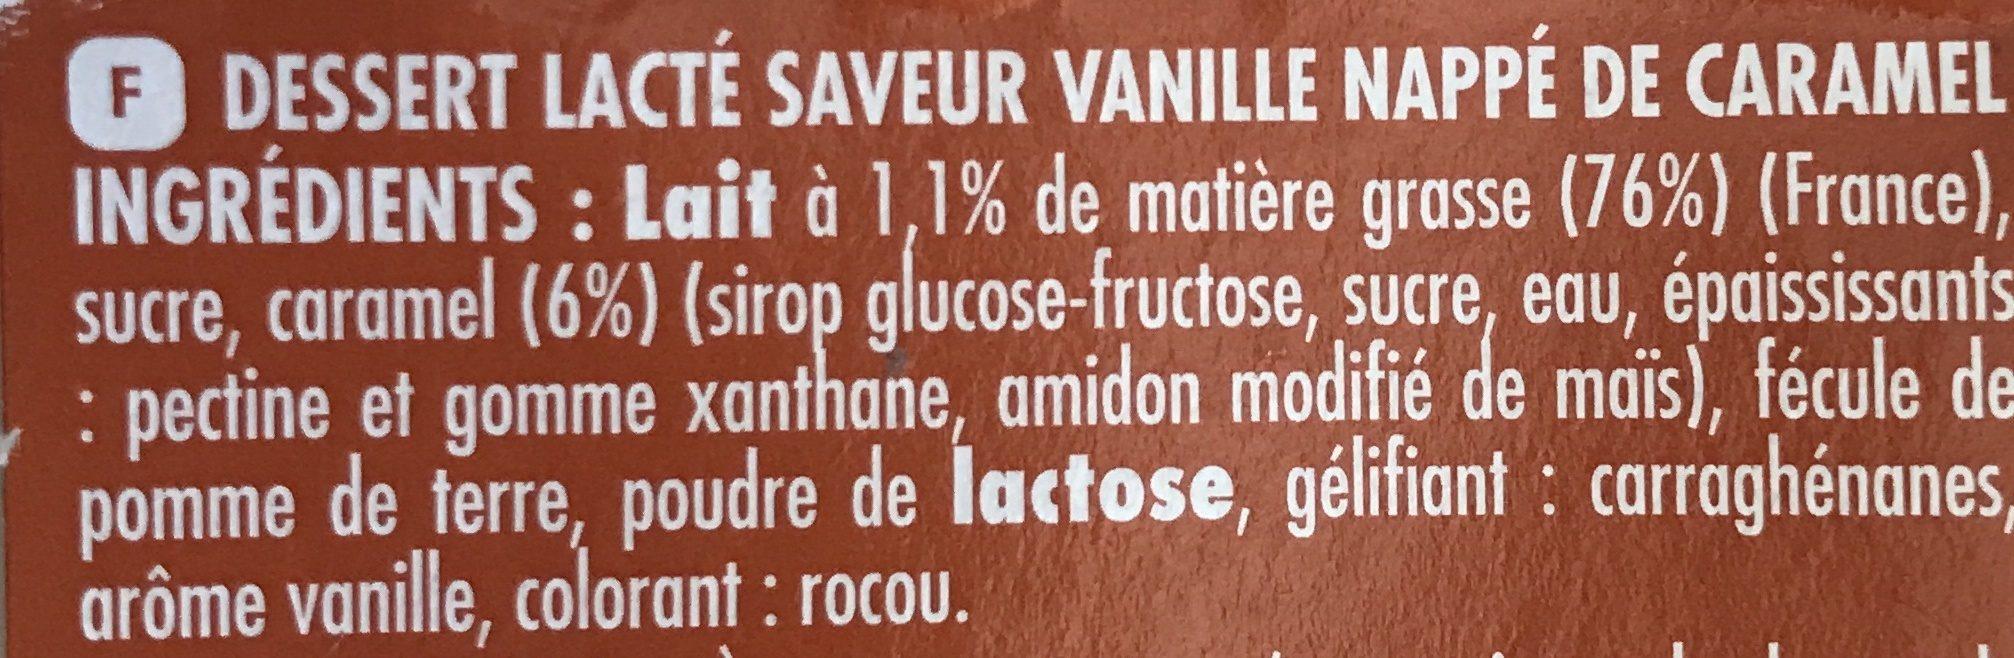 , Dessert Cool'Cara vanille nappe caramel, les 12 pots de 100 g - Ingrédients